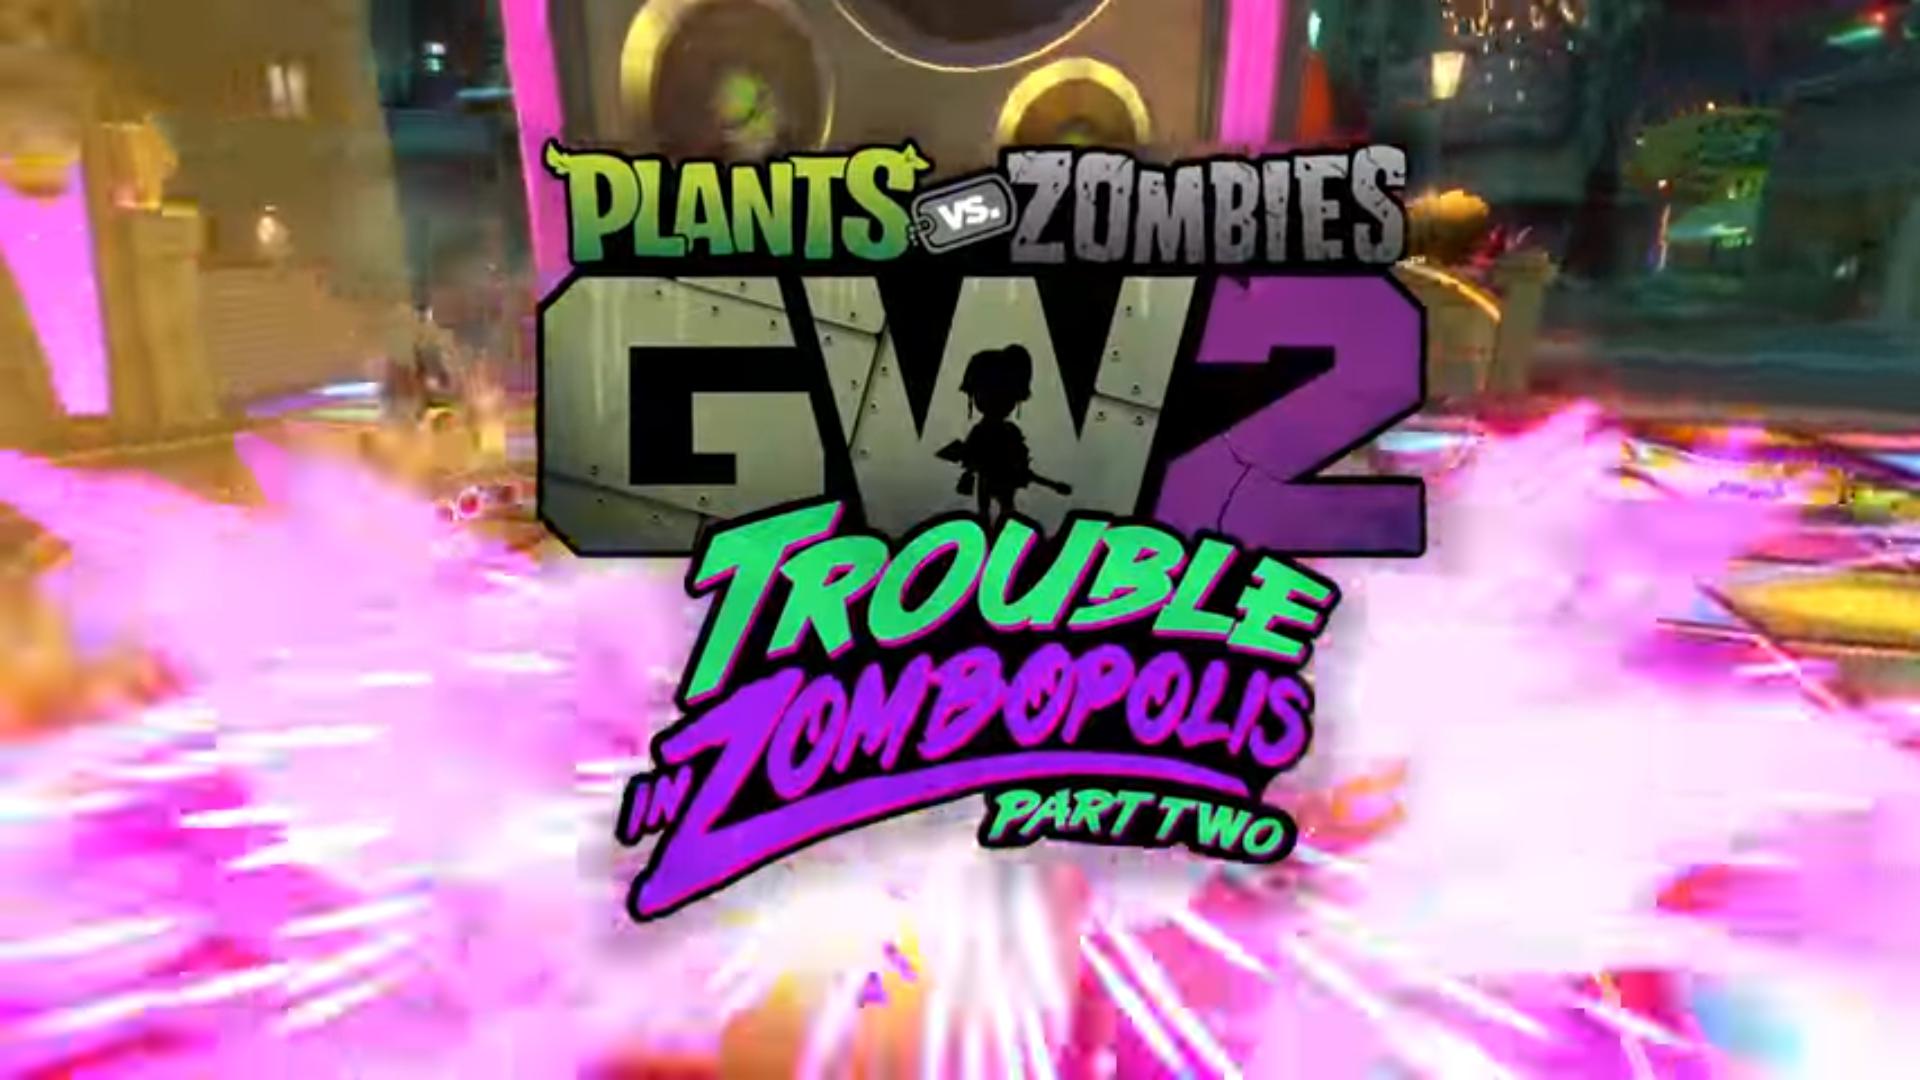 Trouble in Zombopolis parte dos, el nuevo contenido gratuito de Plants vs. Zombies Garden Warfare 2 ya está aquí, entérate de todas las novedades